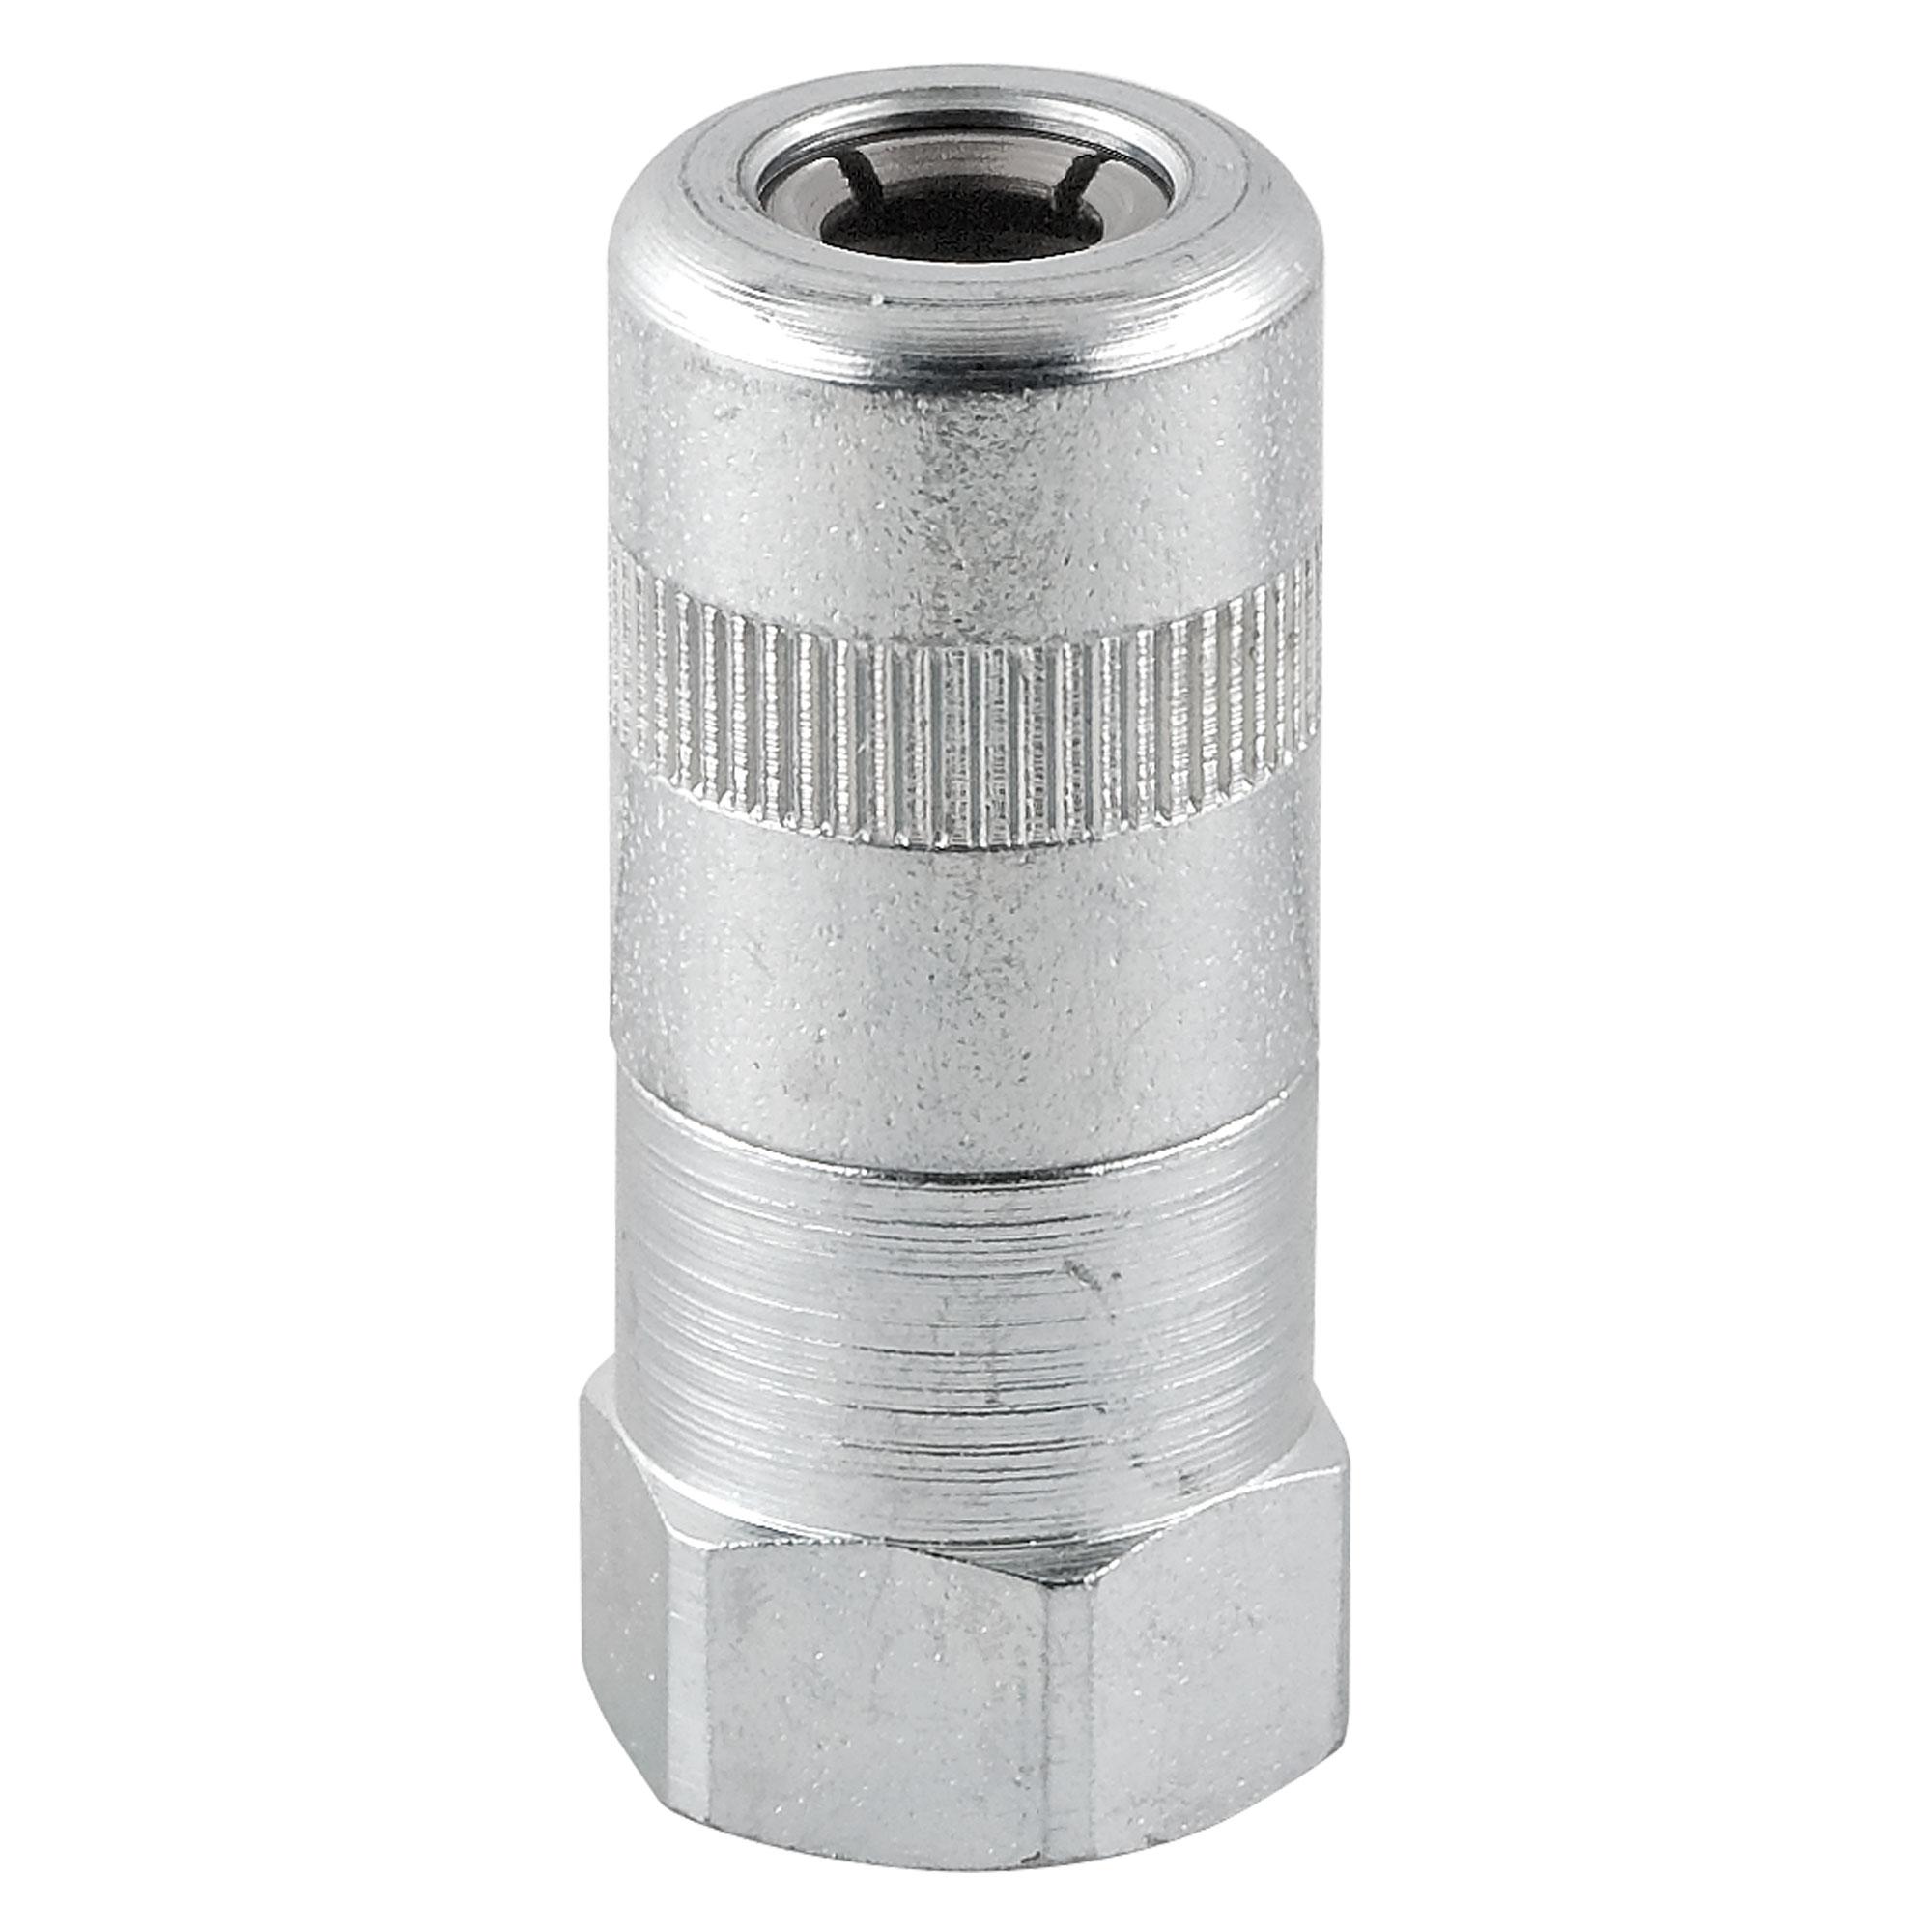 66740 - Hydraulic Connector